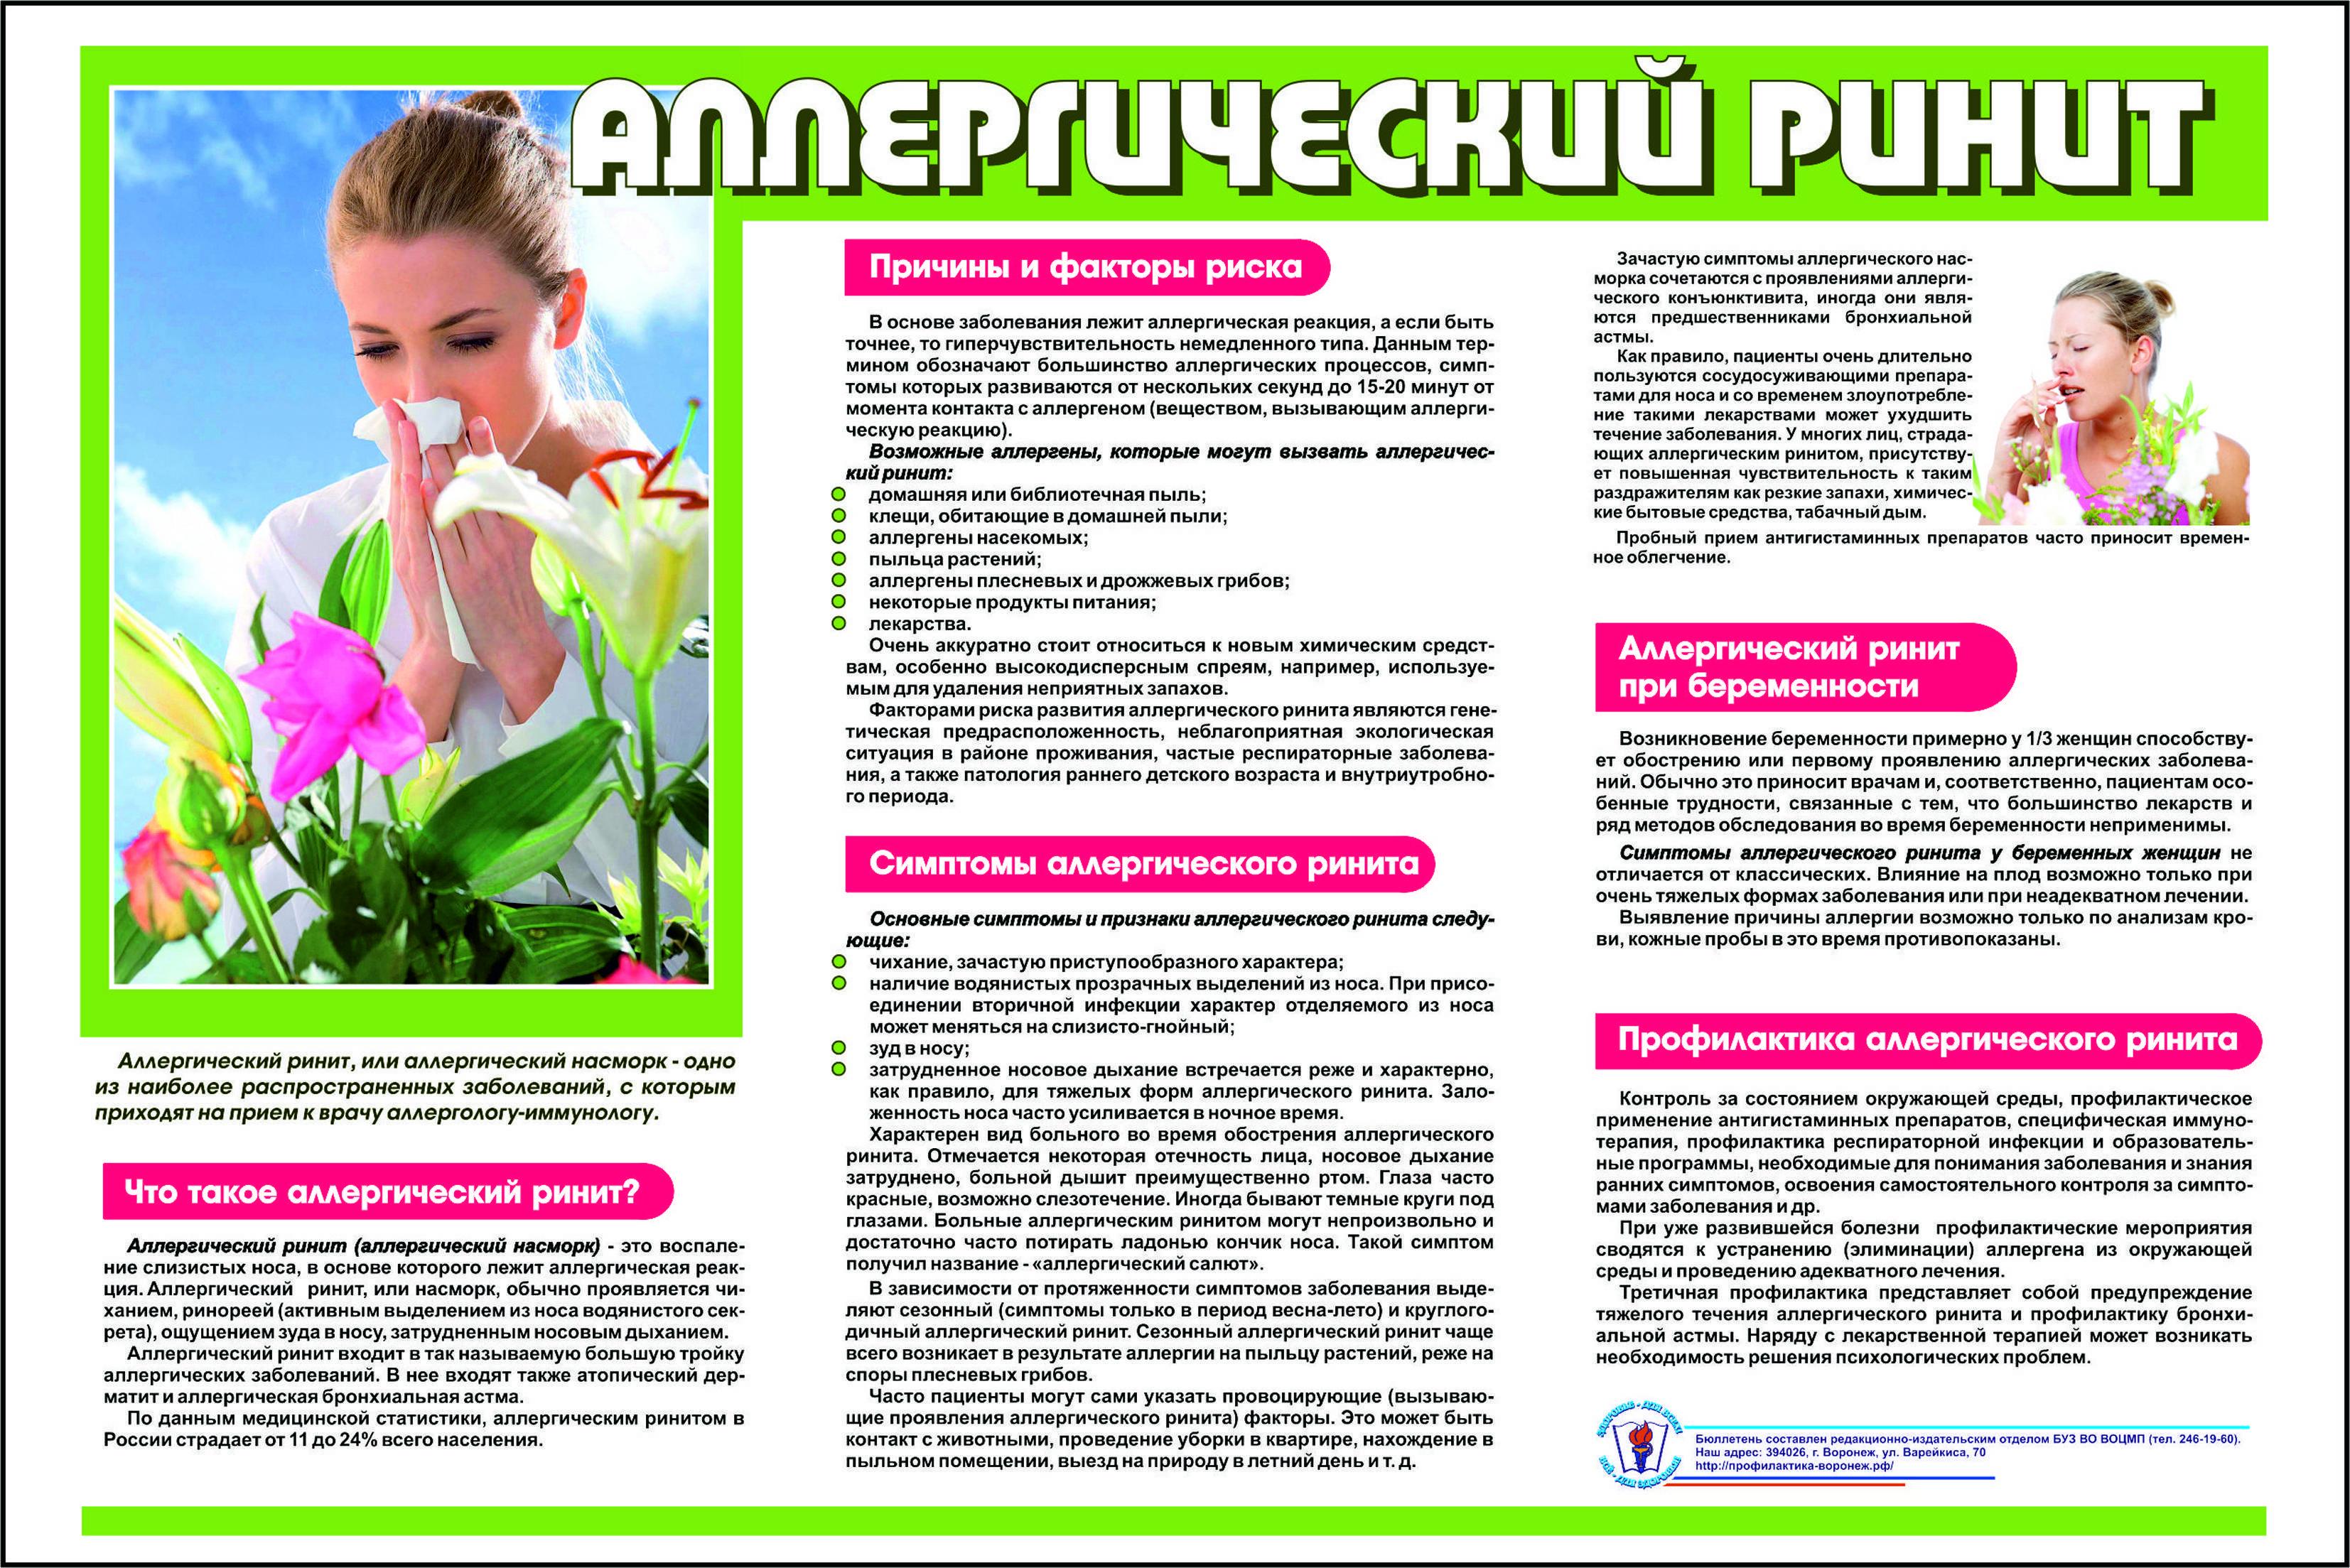 Аллергический ринит у детей: механизм зарождения, причины, симптомы, лечение